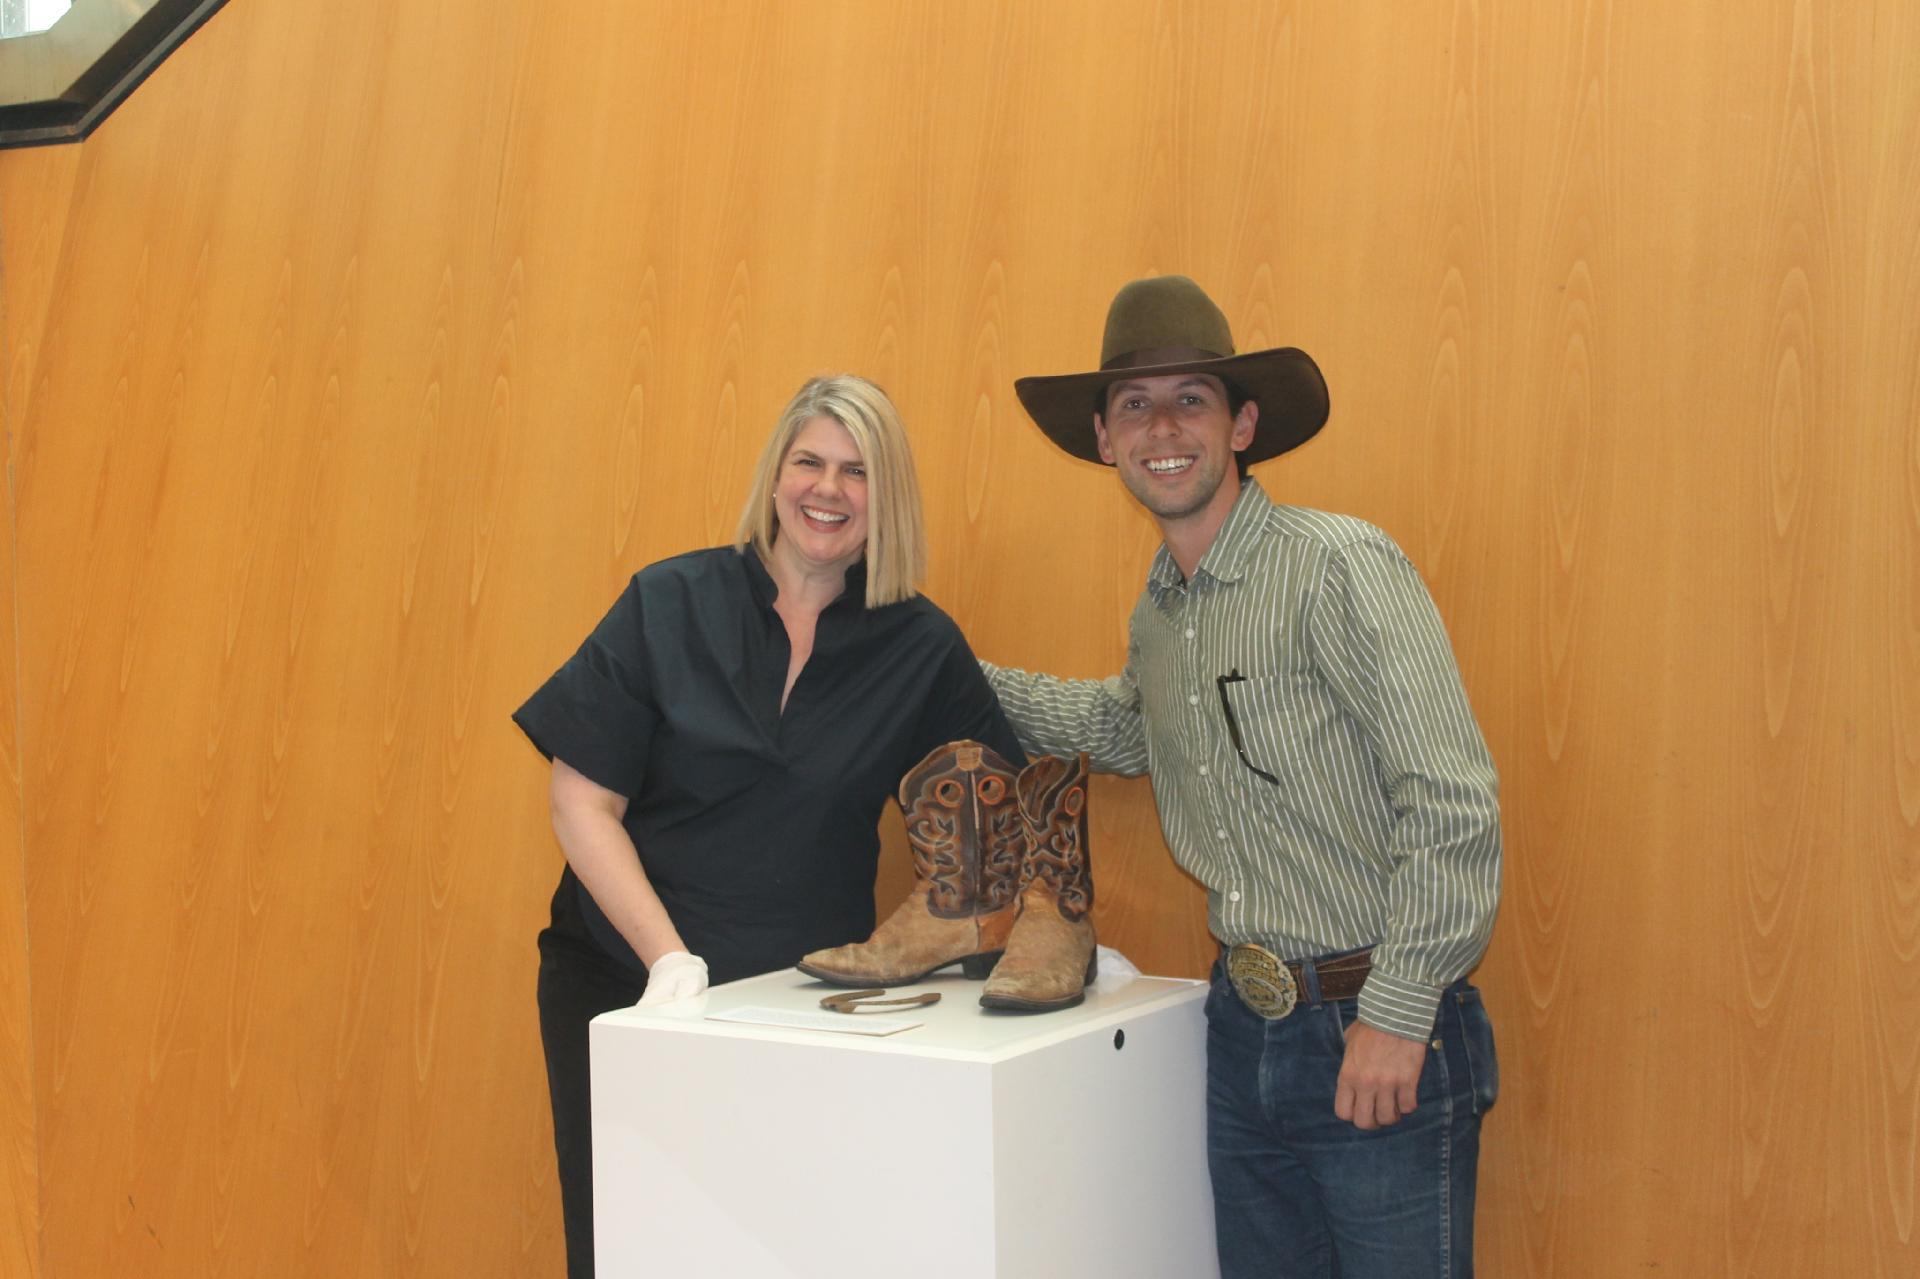 Um par de botas da viagem de Filipe, exposto no Bata Shoe Museum em Toronto - Arquivo pessoal